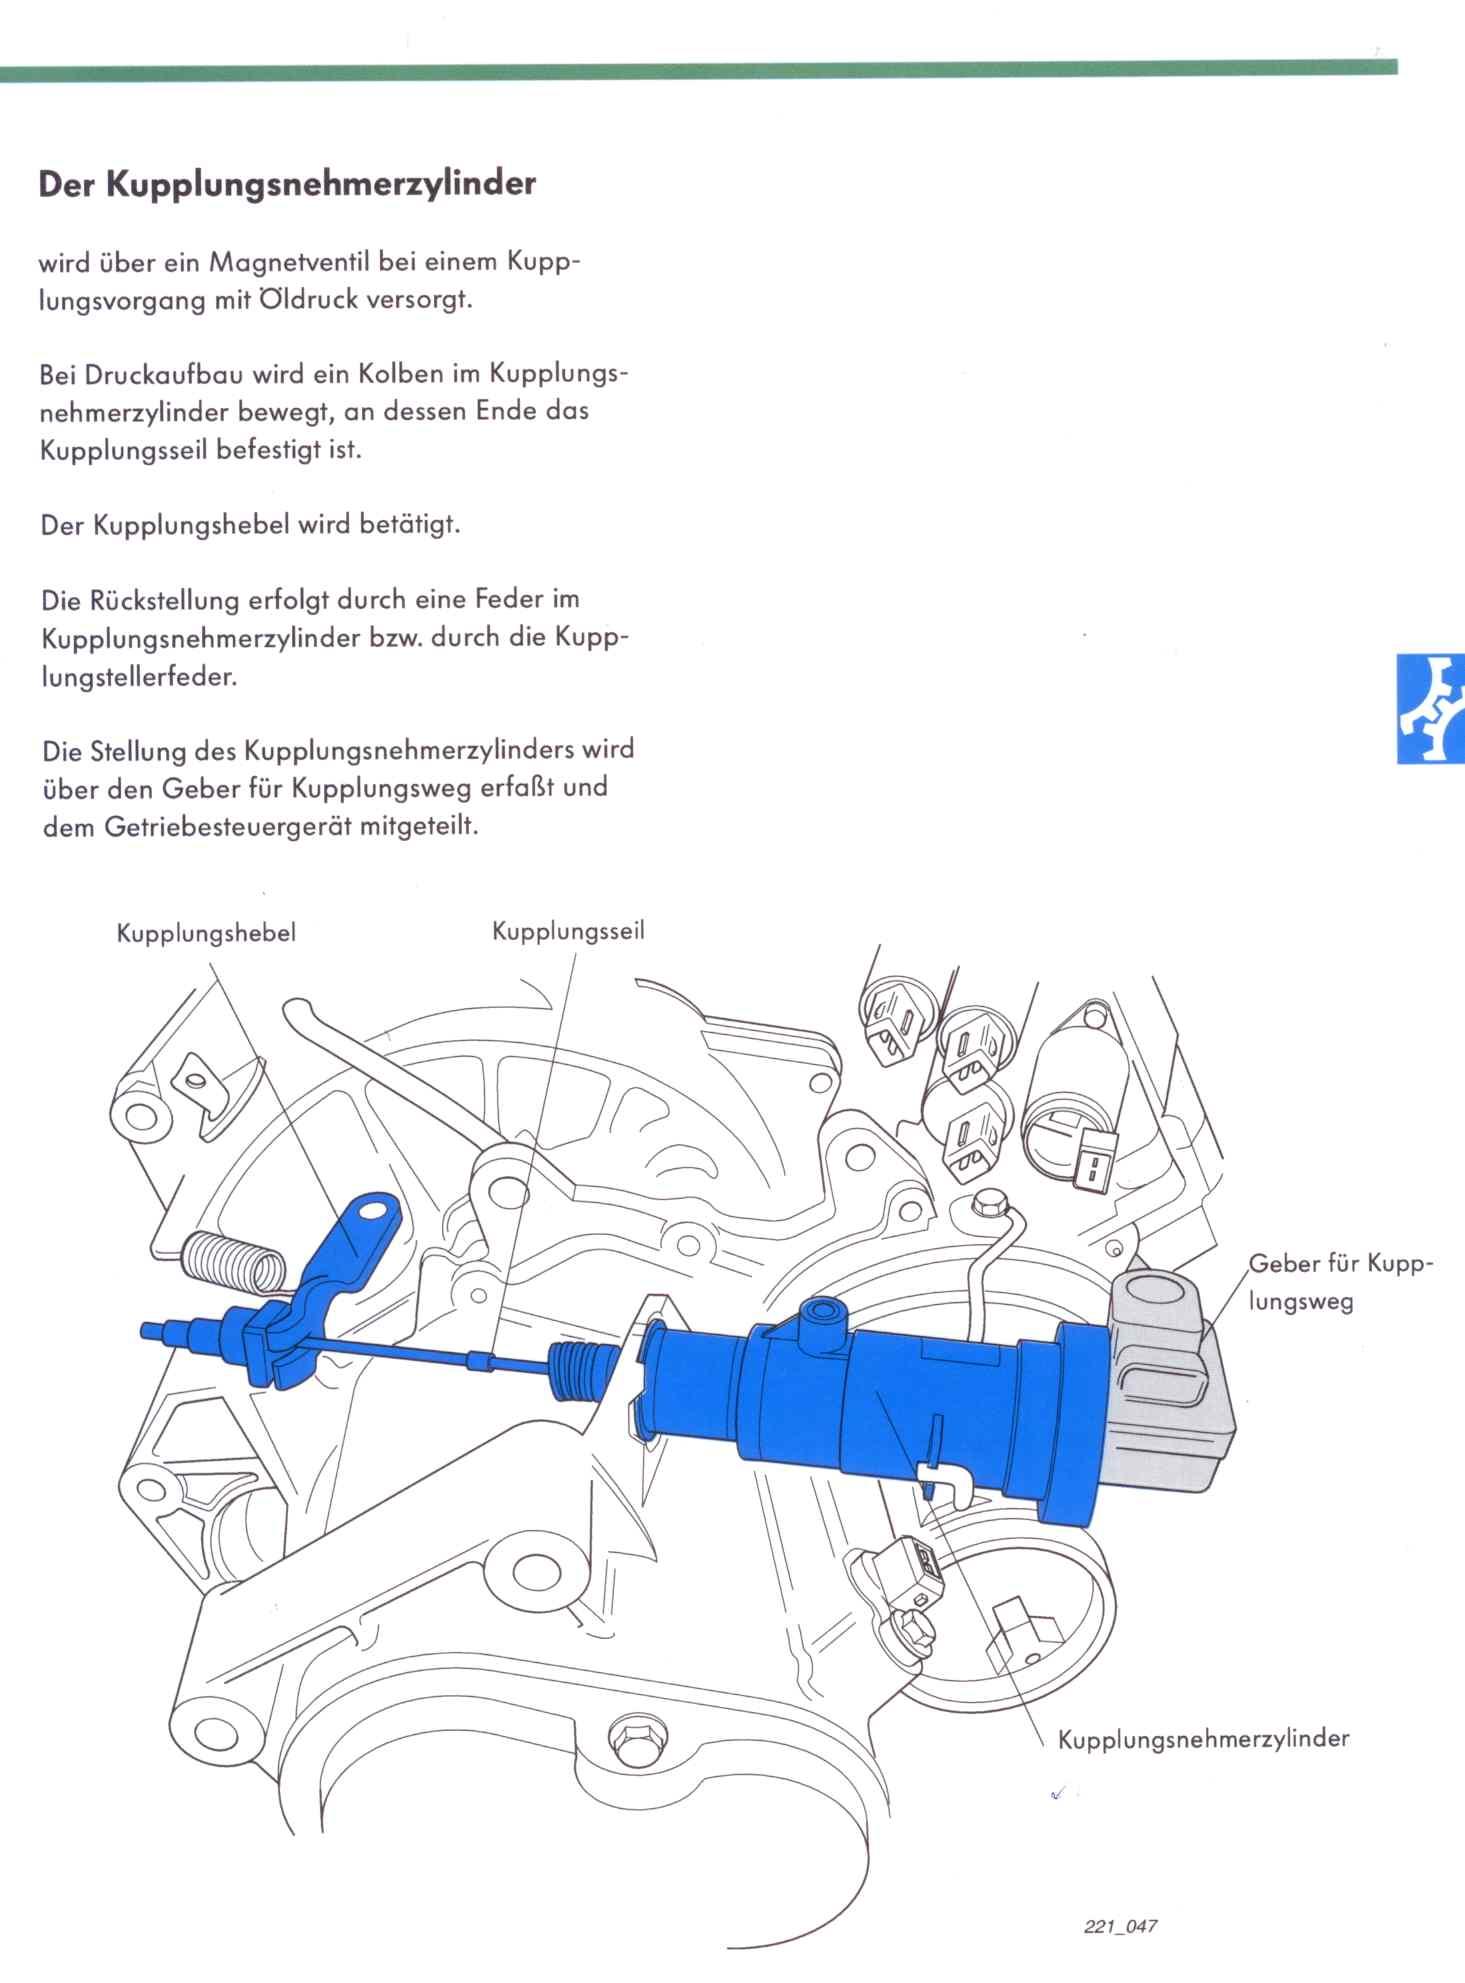 Kupplungsnehmerzylinder.jpg.9339524eec16618c21a09ce3acb528d6.jpg